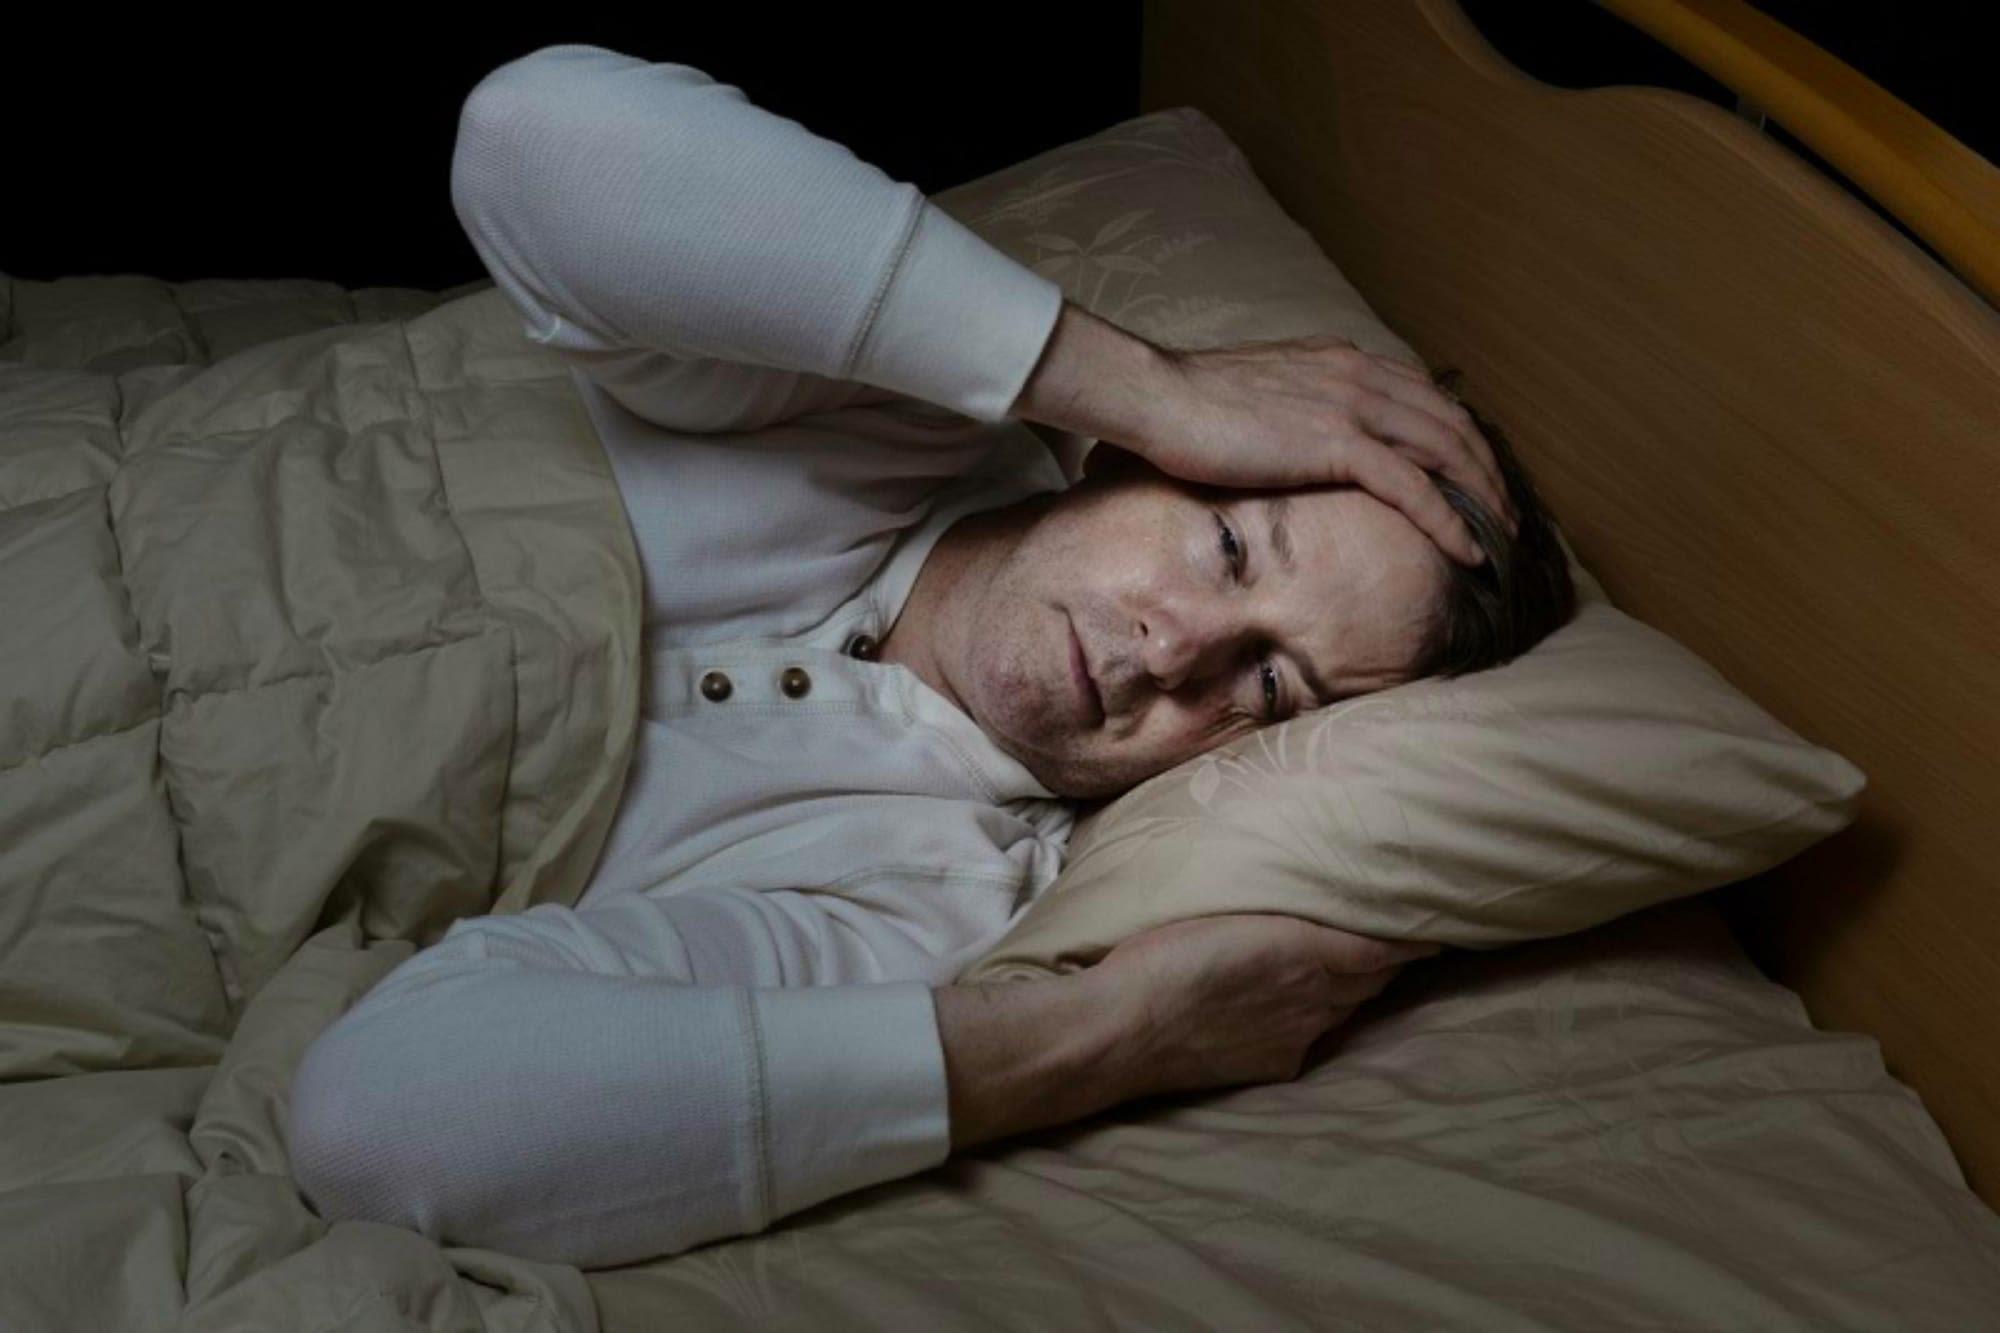 Хроническая бессонница: причины, и что с этим делать?